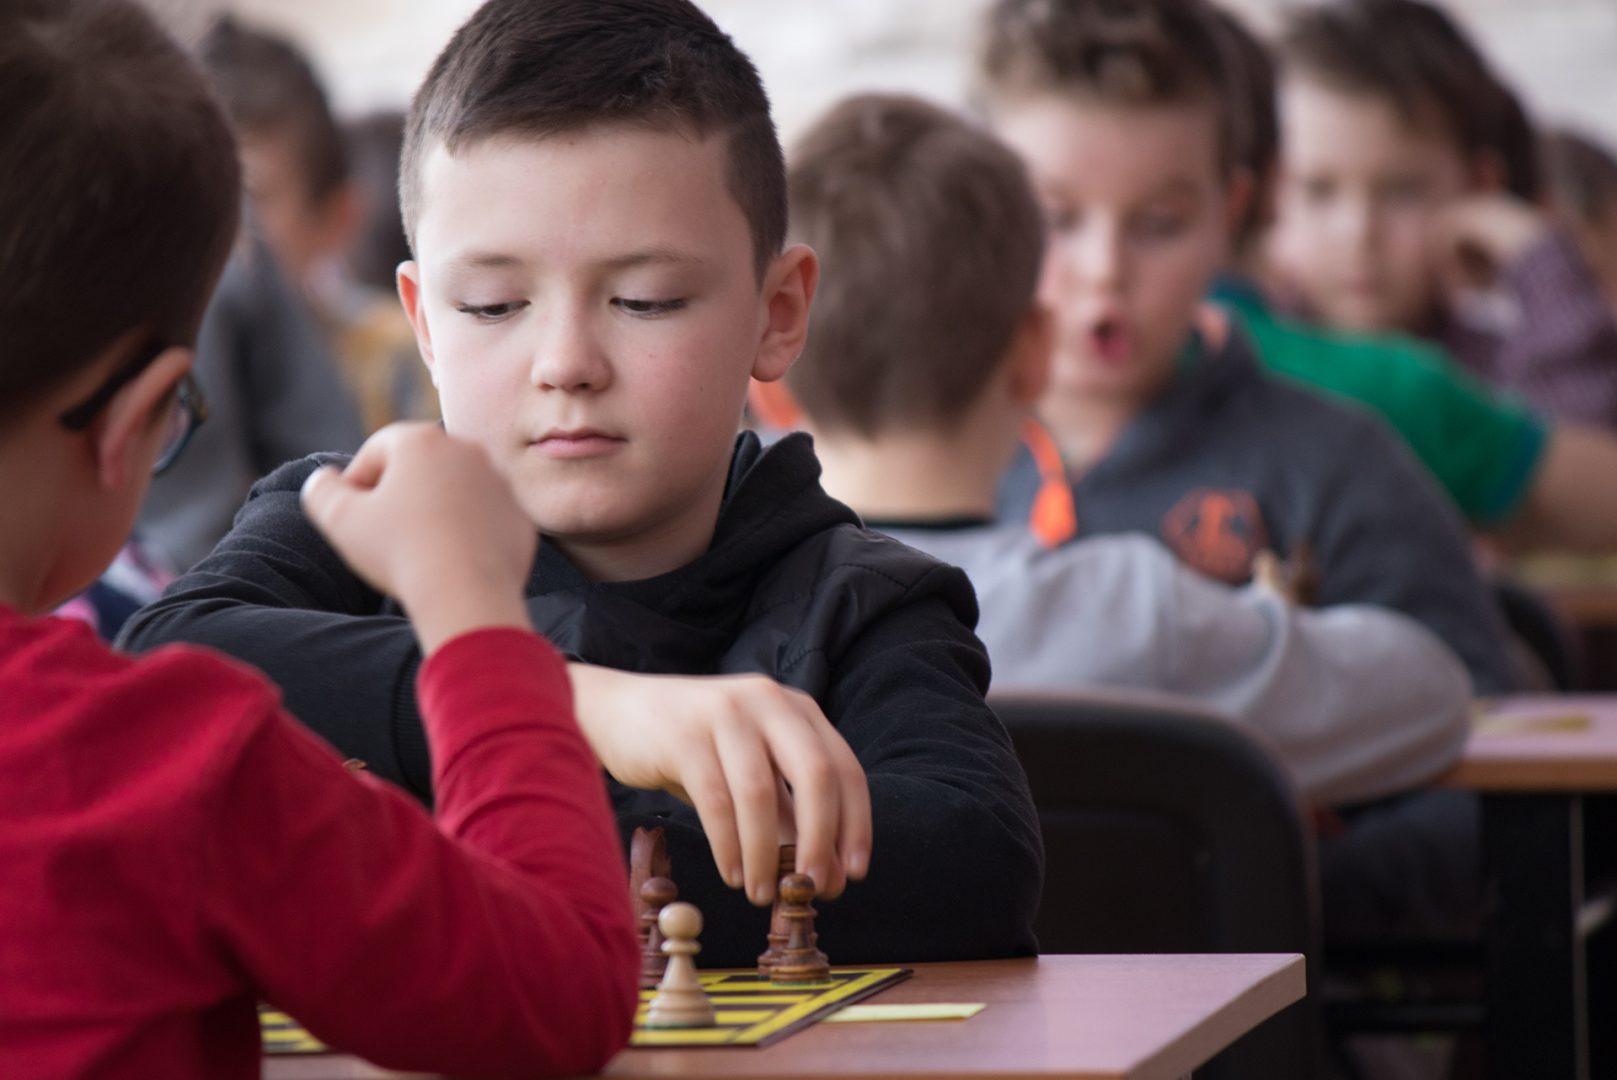 Grand Prix Spółdzielni Mieszkaniowej w Świdnicy w Szachach, III Turniej, 18.03.2018